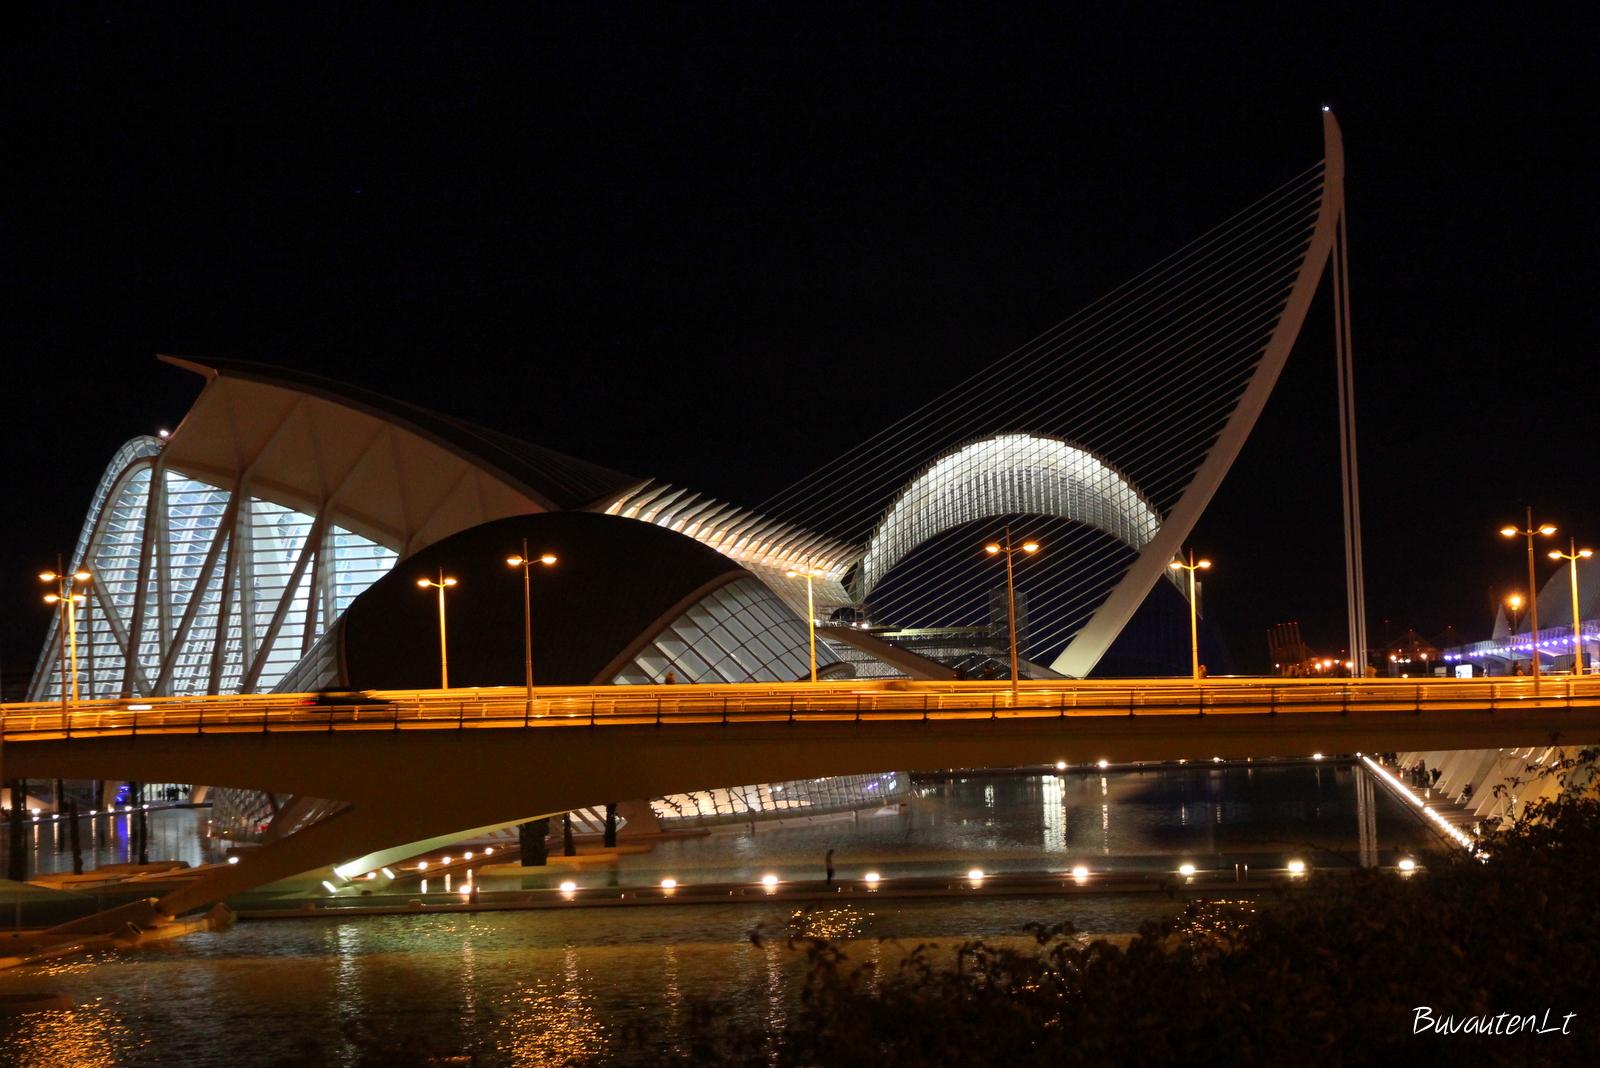 Neįprastų formų pastatai, šviesos ir atspindžiai vandenyje